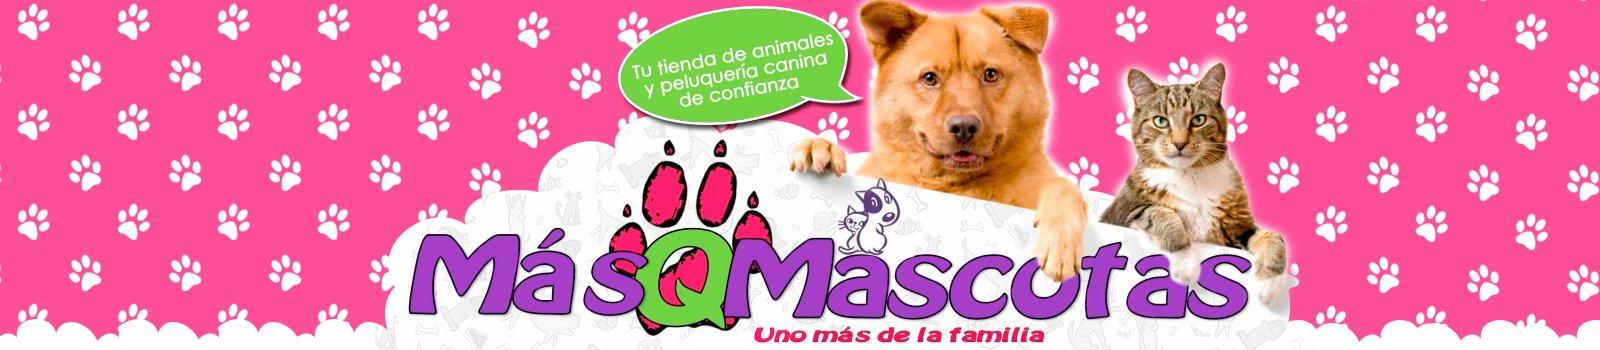 Másqmascotas en valladolid, tienda de animales en valladolid,peluquerias caninas